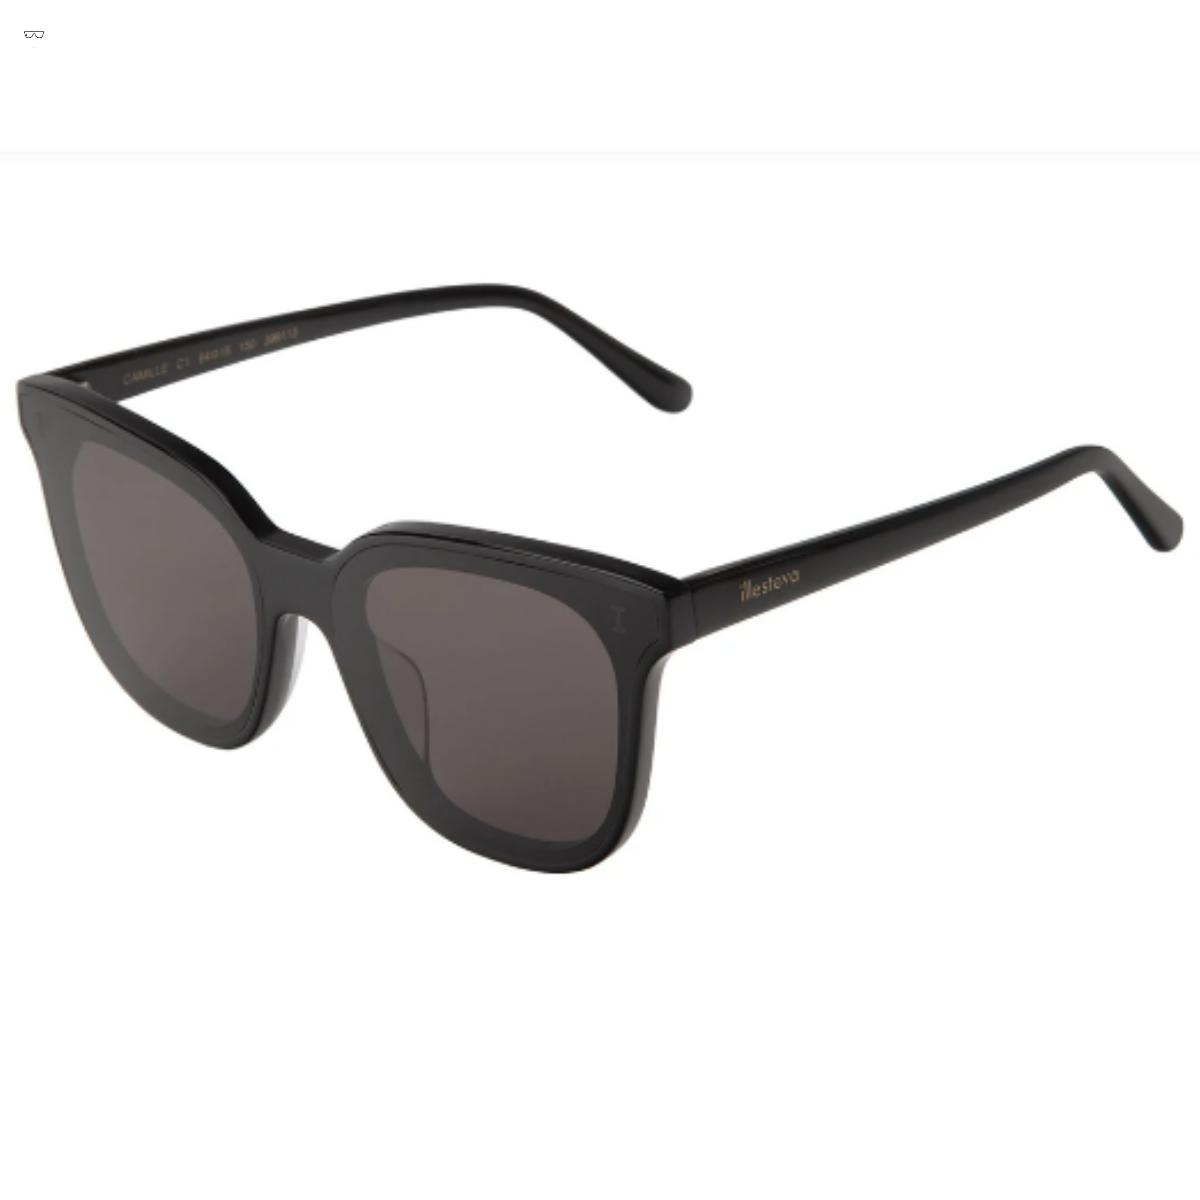 Óculos de Sol Illesteva Camille Preto